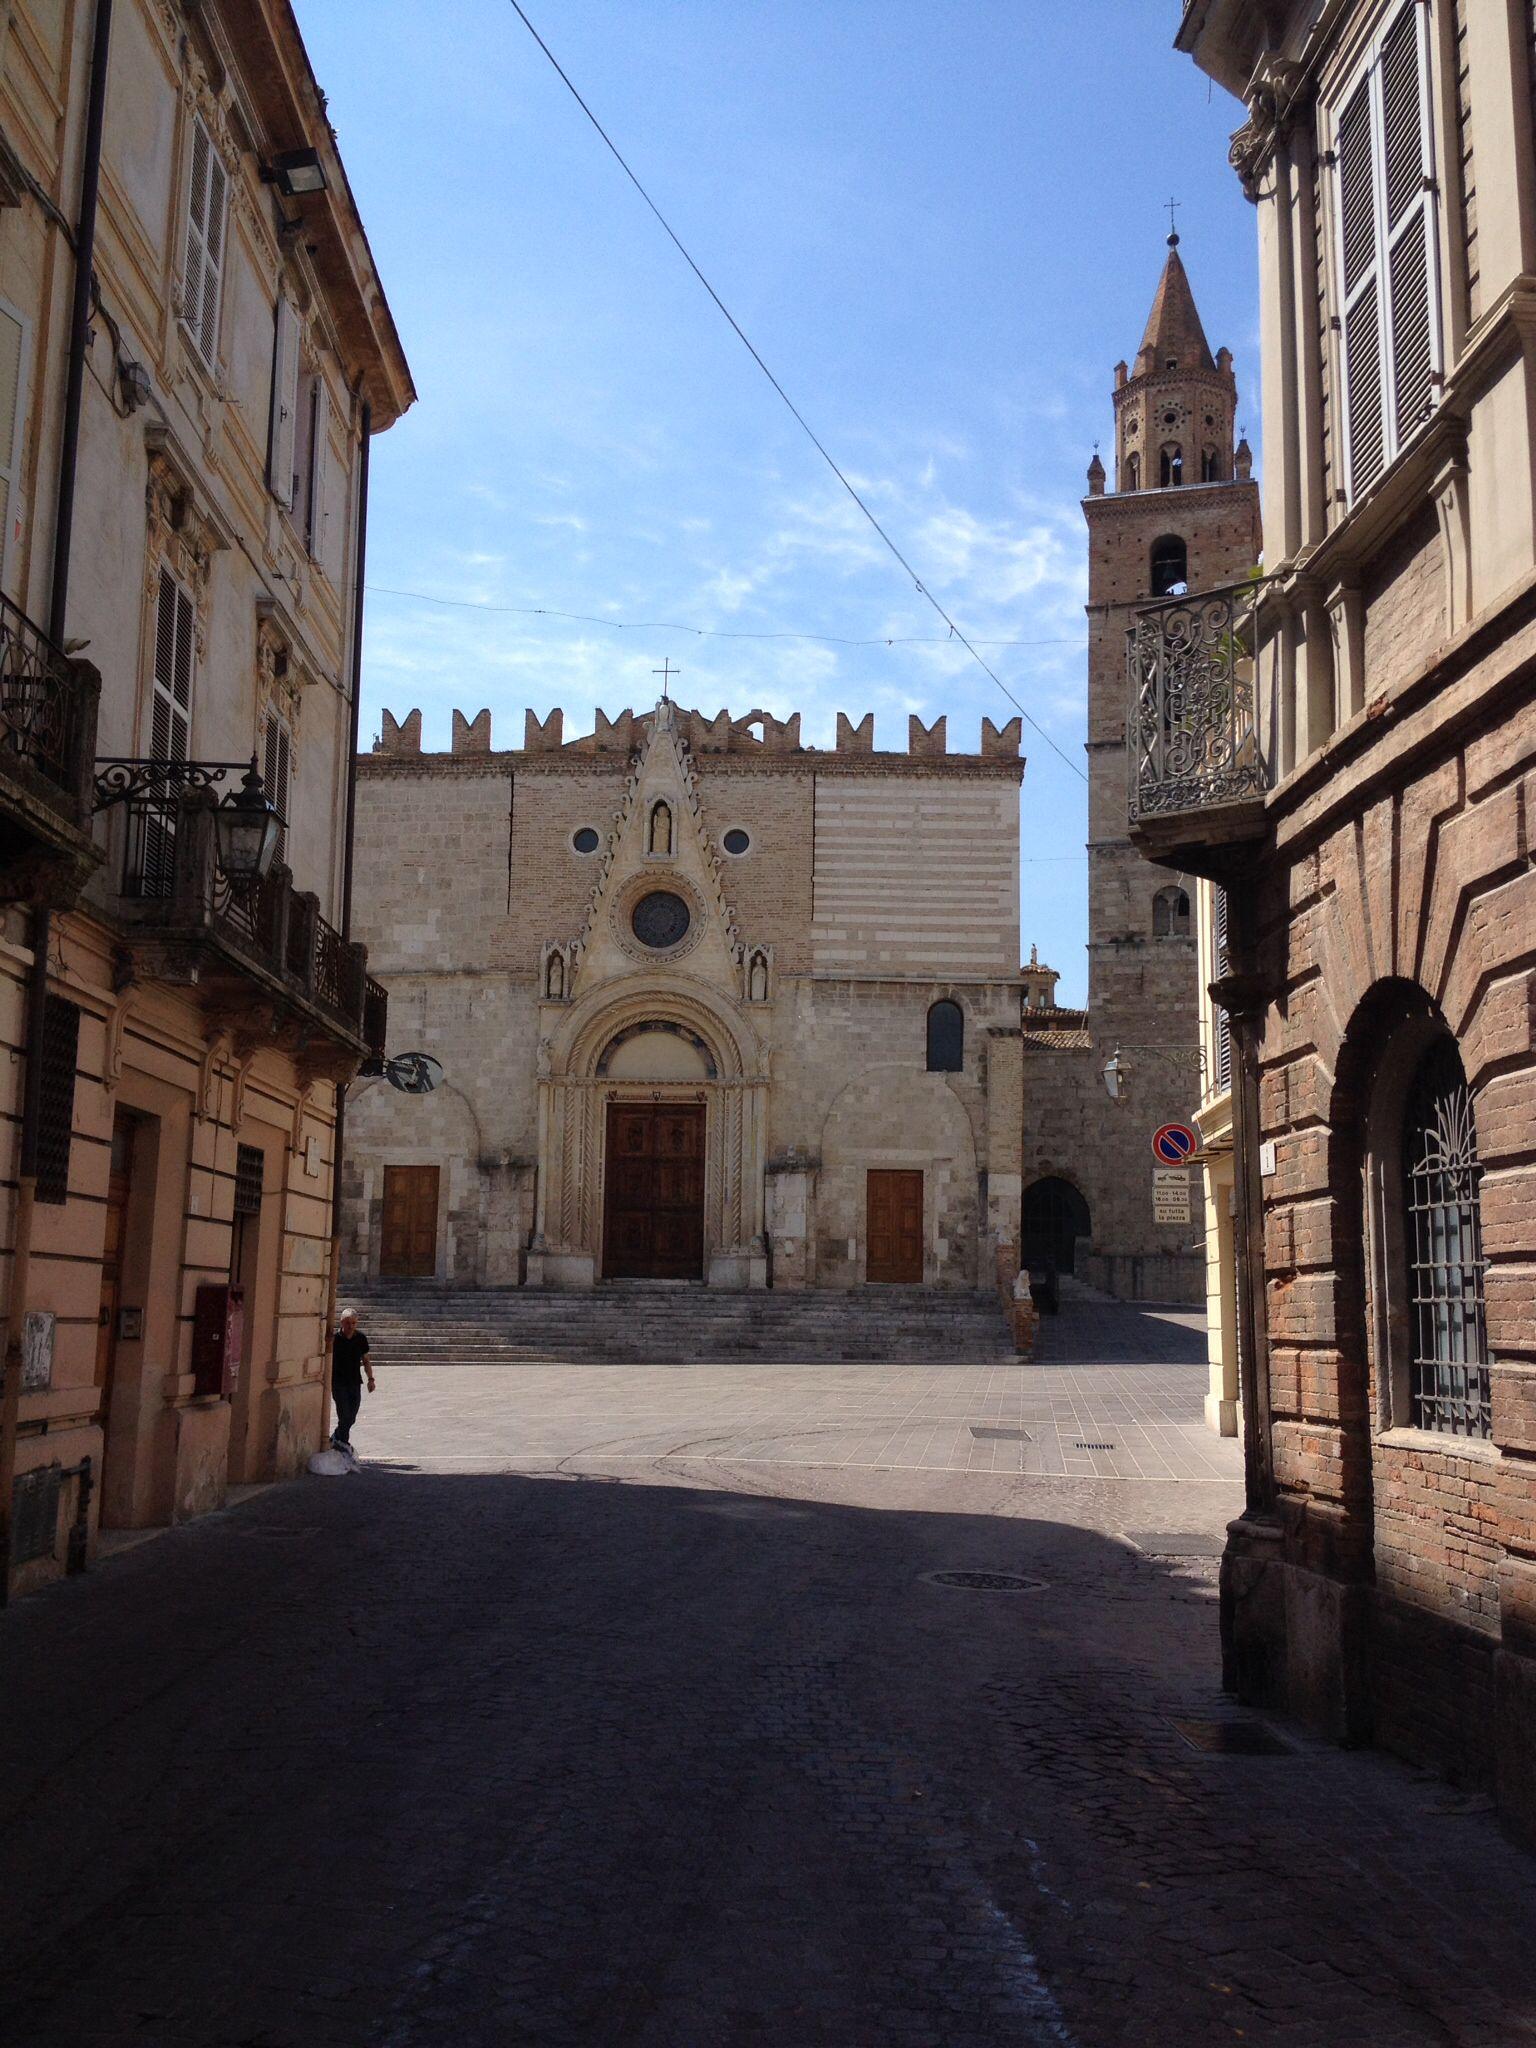 Teramo, Il Duomo. There's no place like home. Abbruzzo, Italy